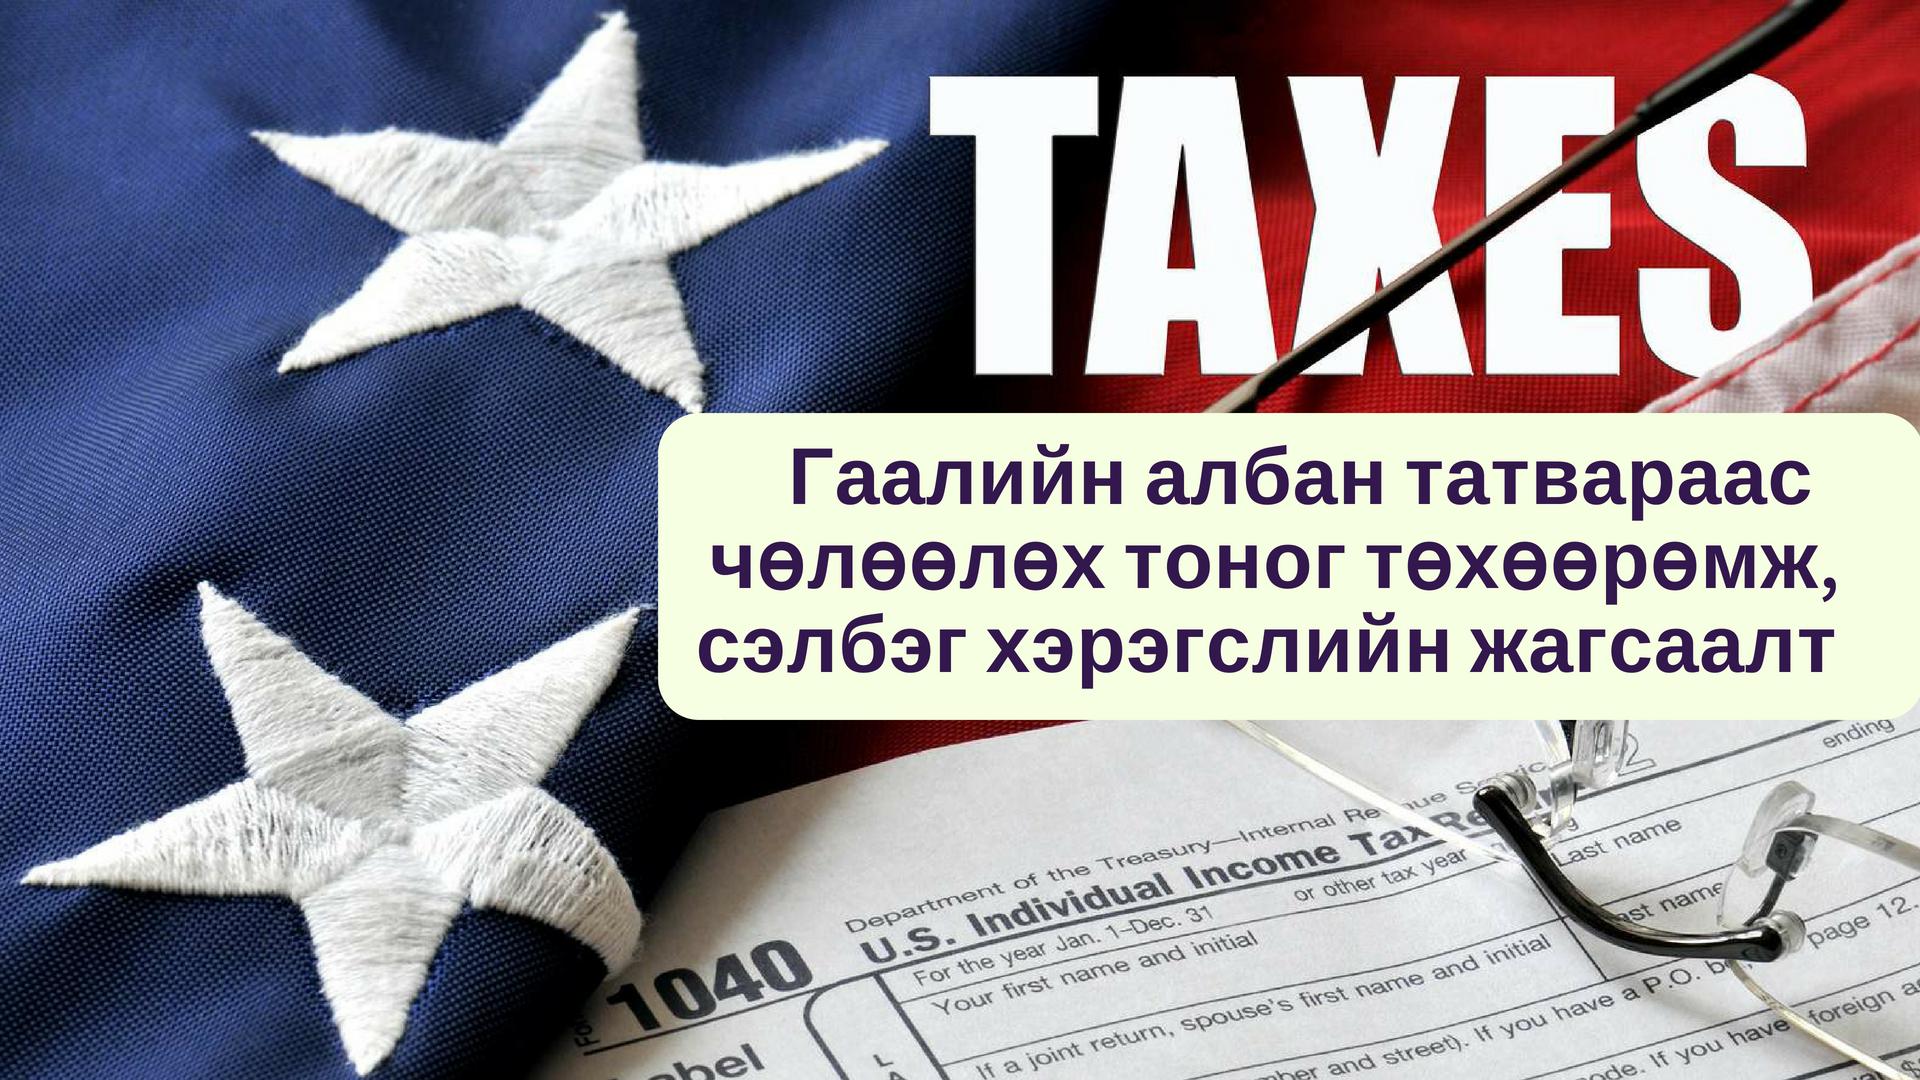 Гаалийн албан татвараас чөлөөлөх тоног төхөөрөмж, сэлбэг хэрэгслийн жагсаалт (шинэчлэгдсэн)